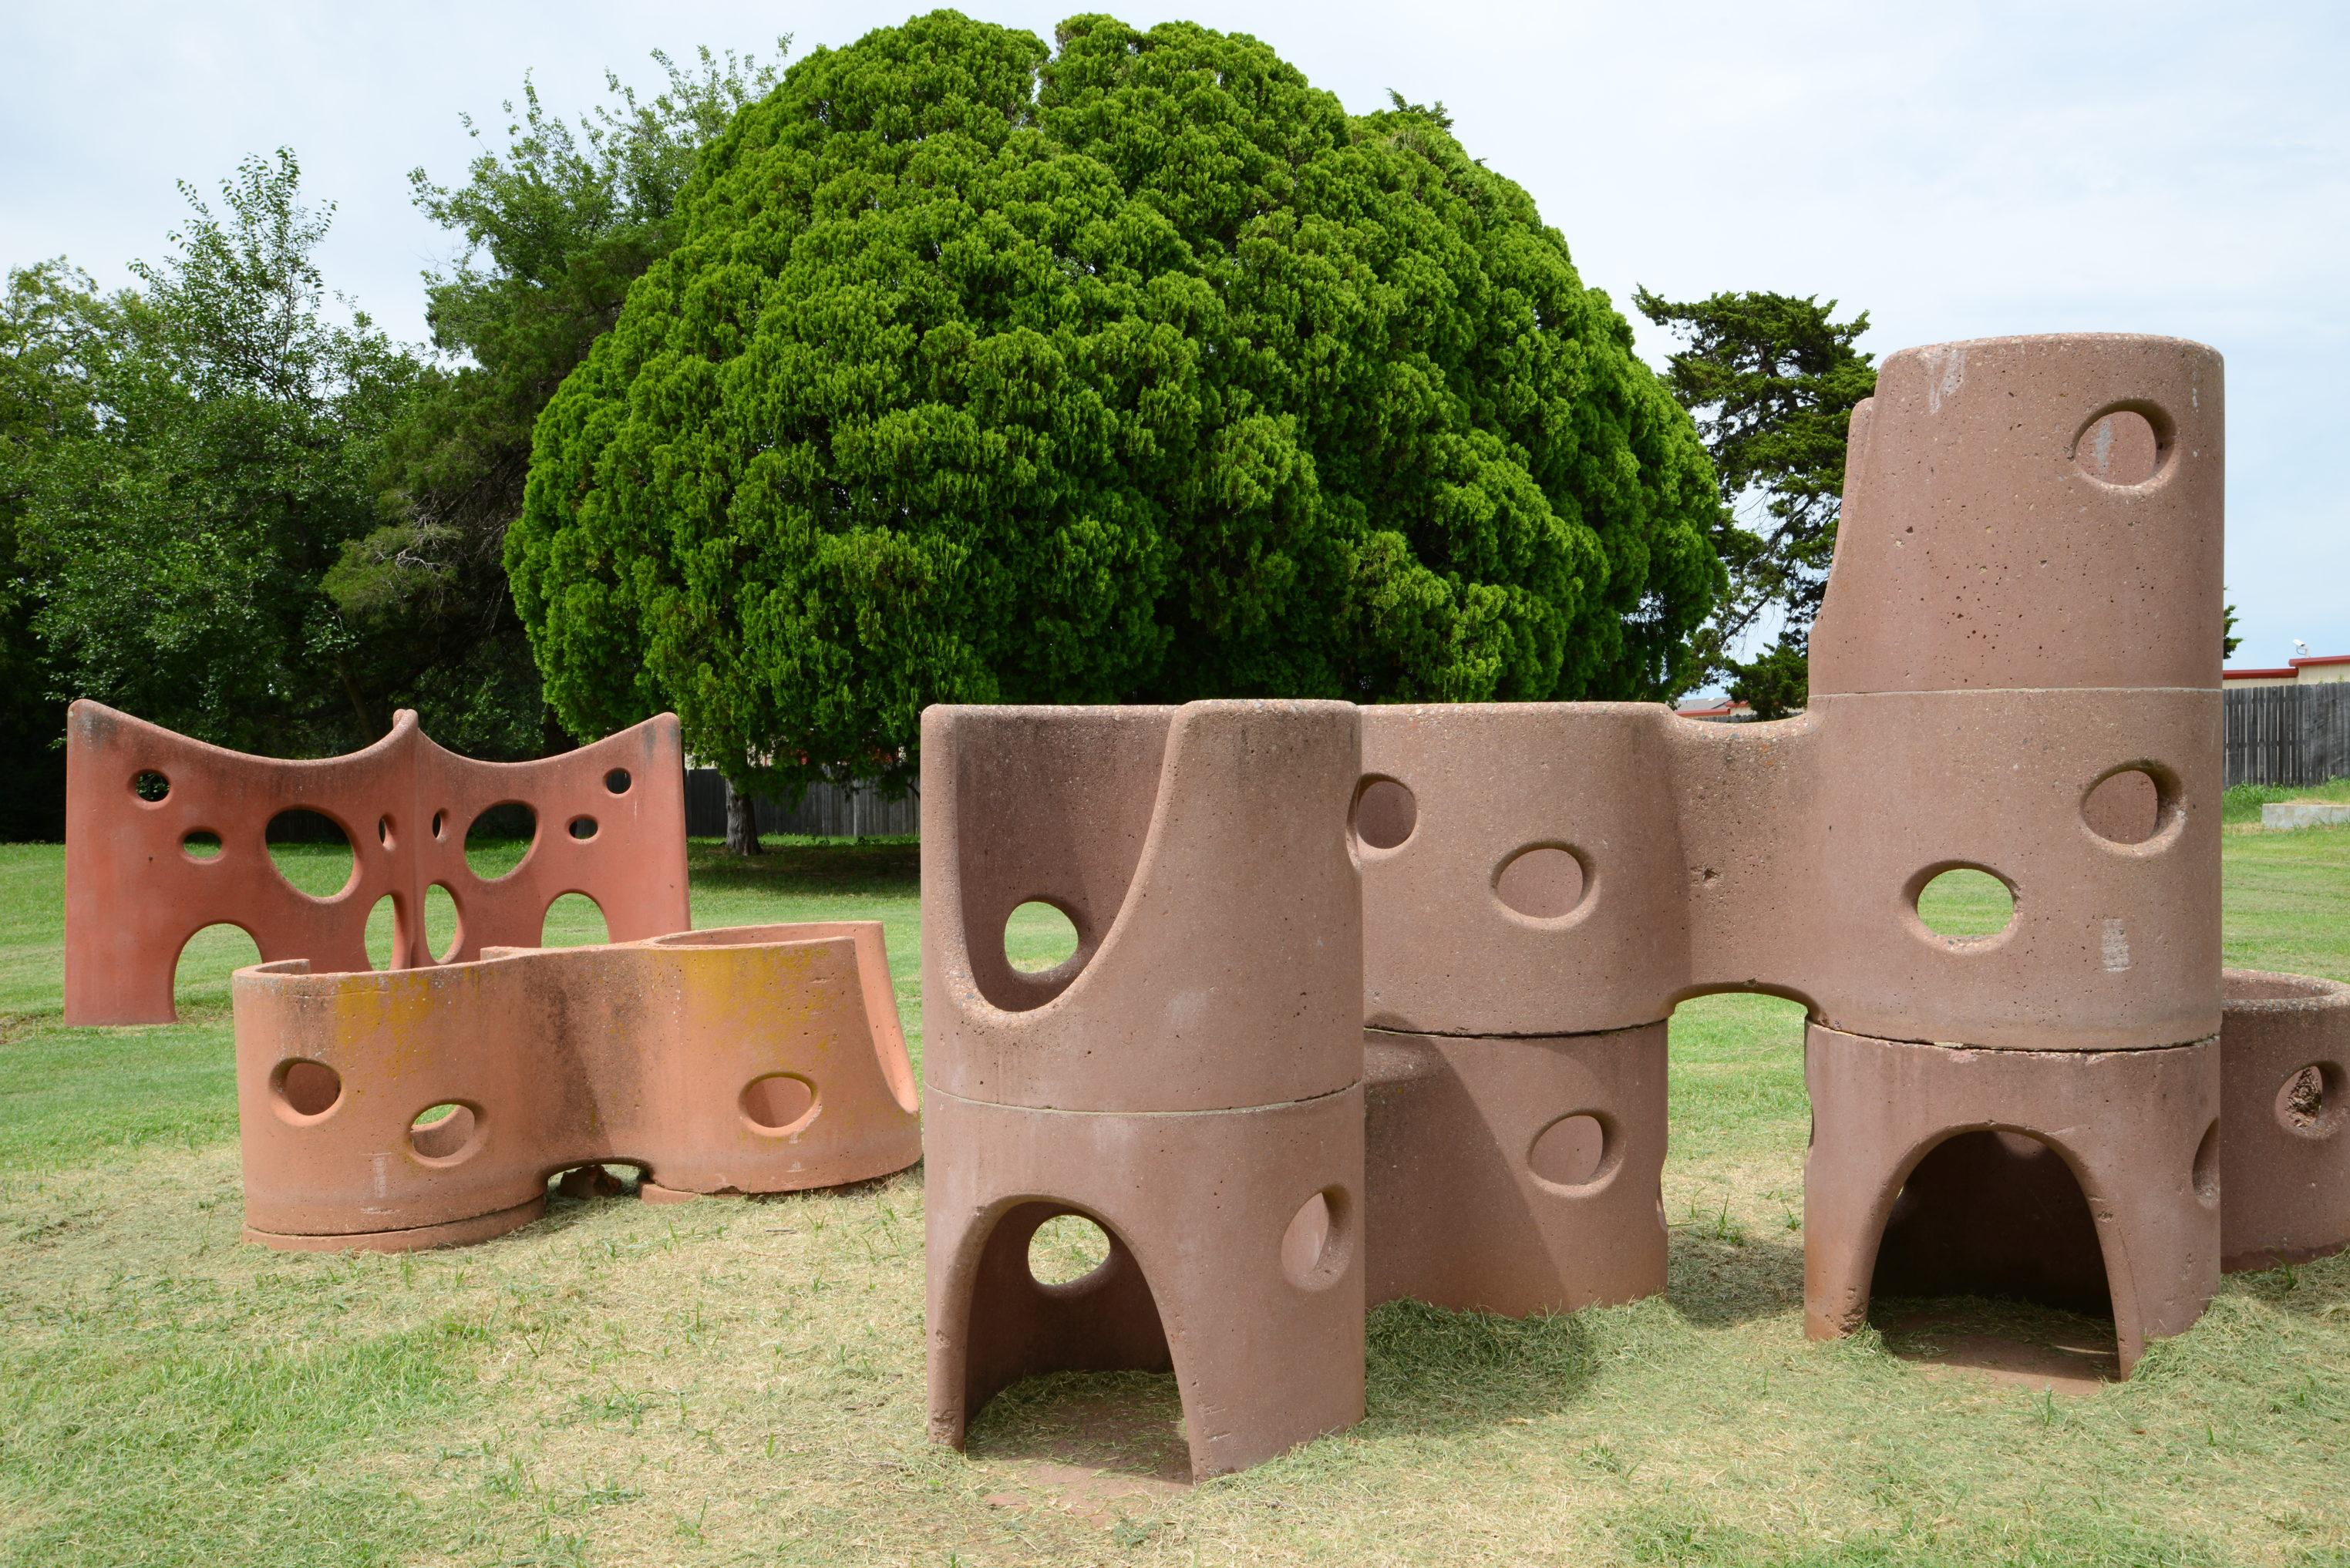 Resultado de imagen de play sculpture jim miller castle